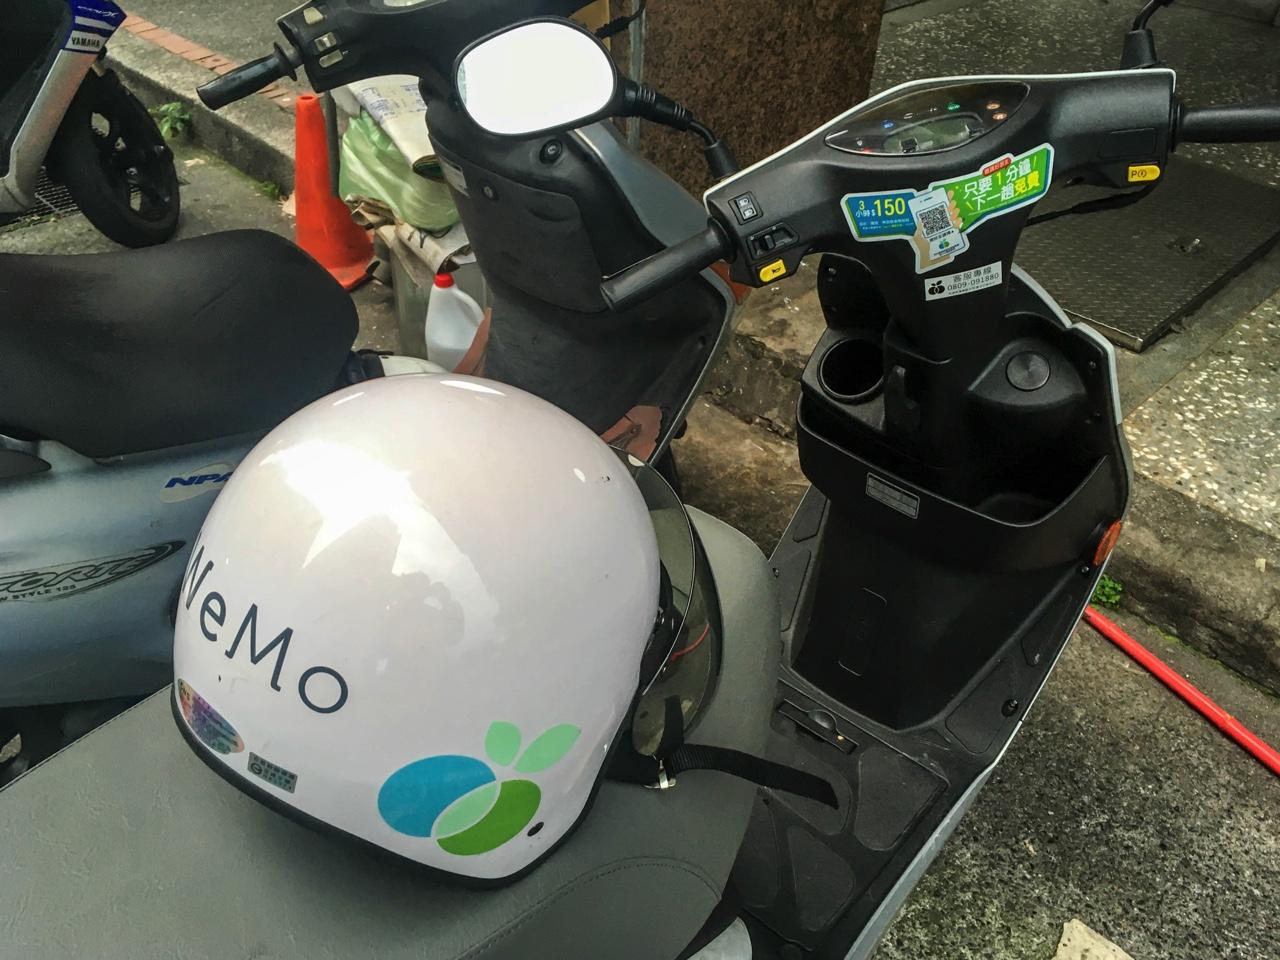 WeMoの車体とヘルメット